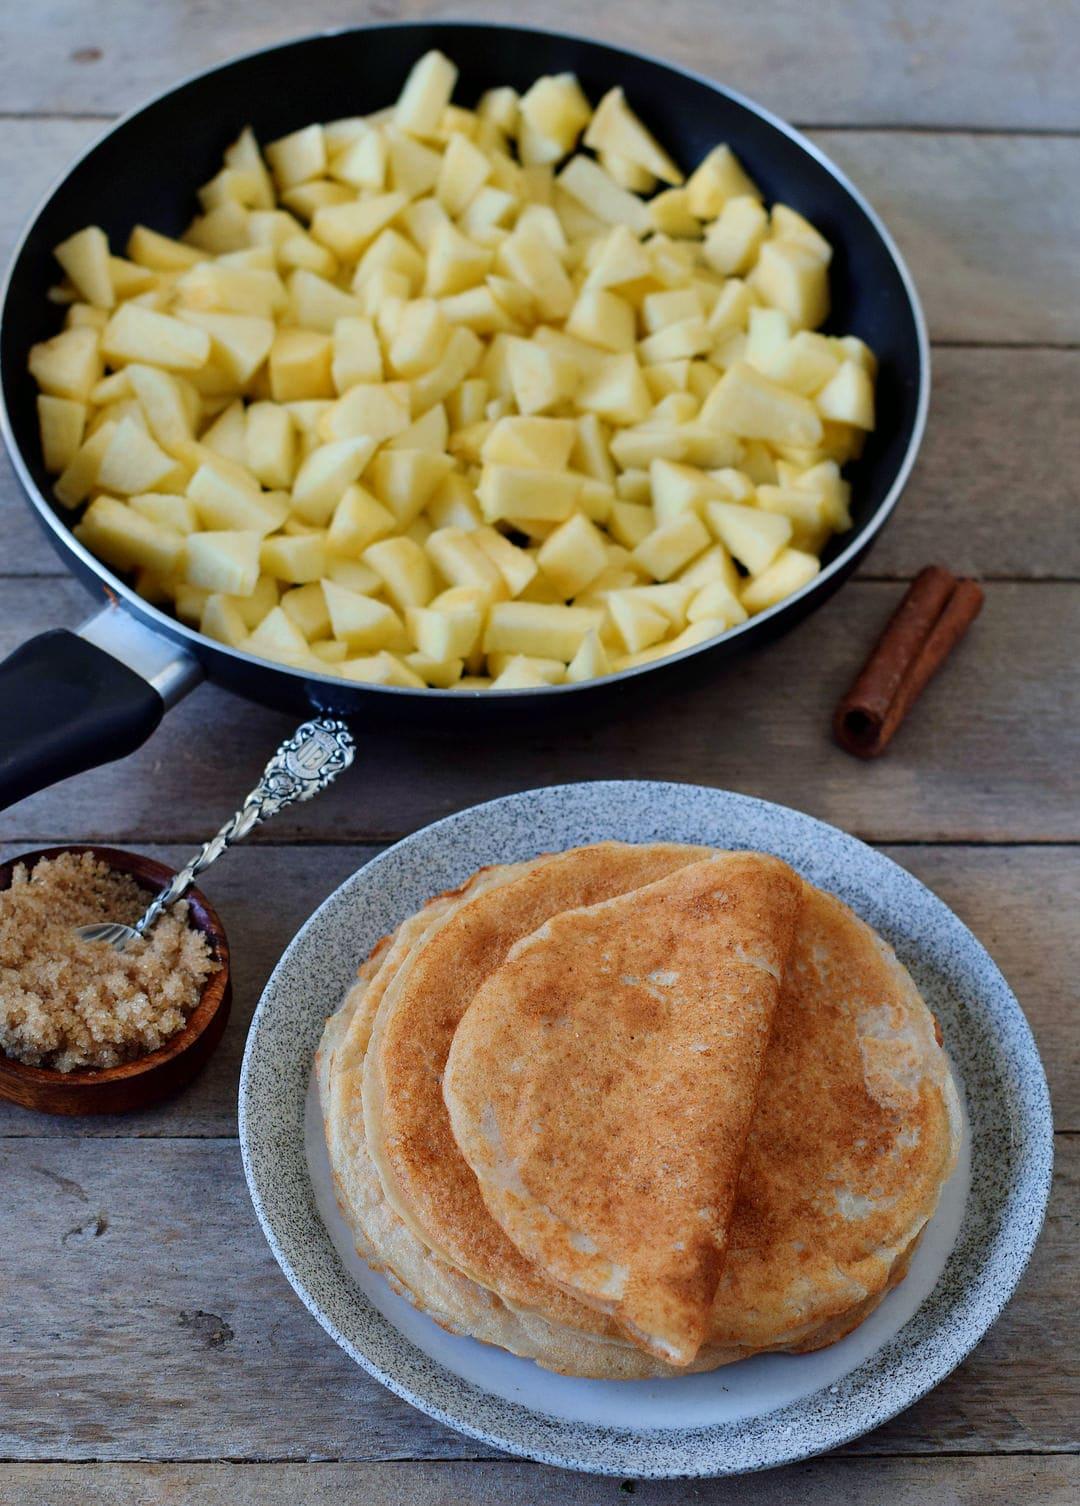 Äpfel in einer Pfanne und glutenfreie vegane Crepes auf einem Teller